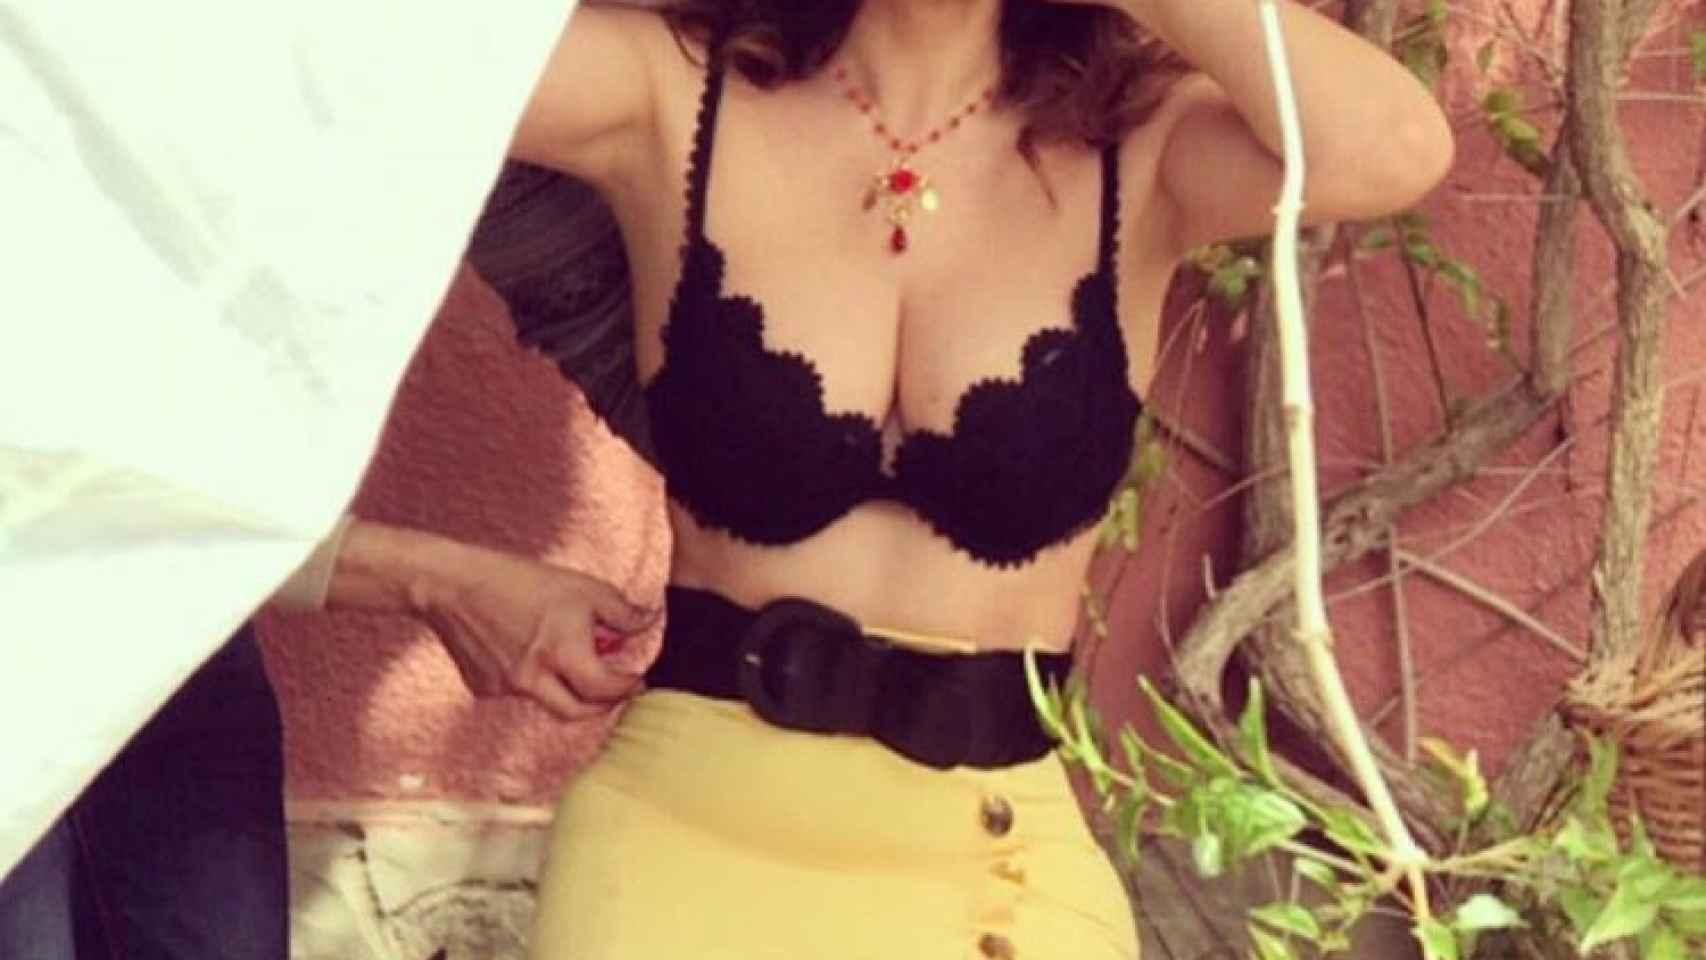 Álbum de fotos de la modelo Marisa Jara